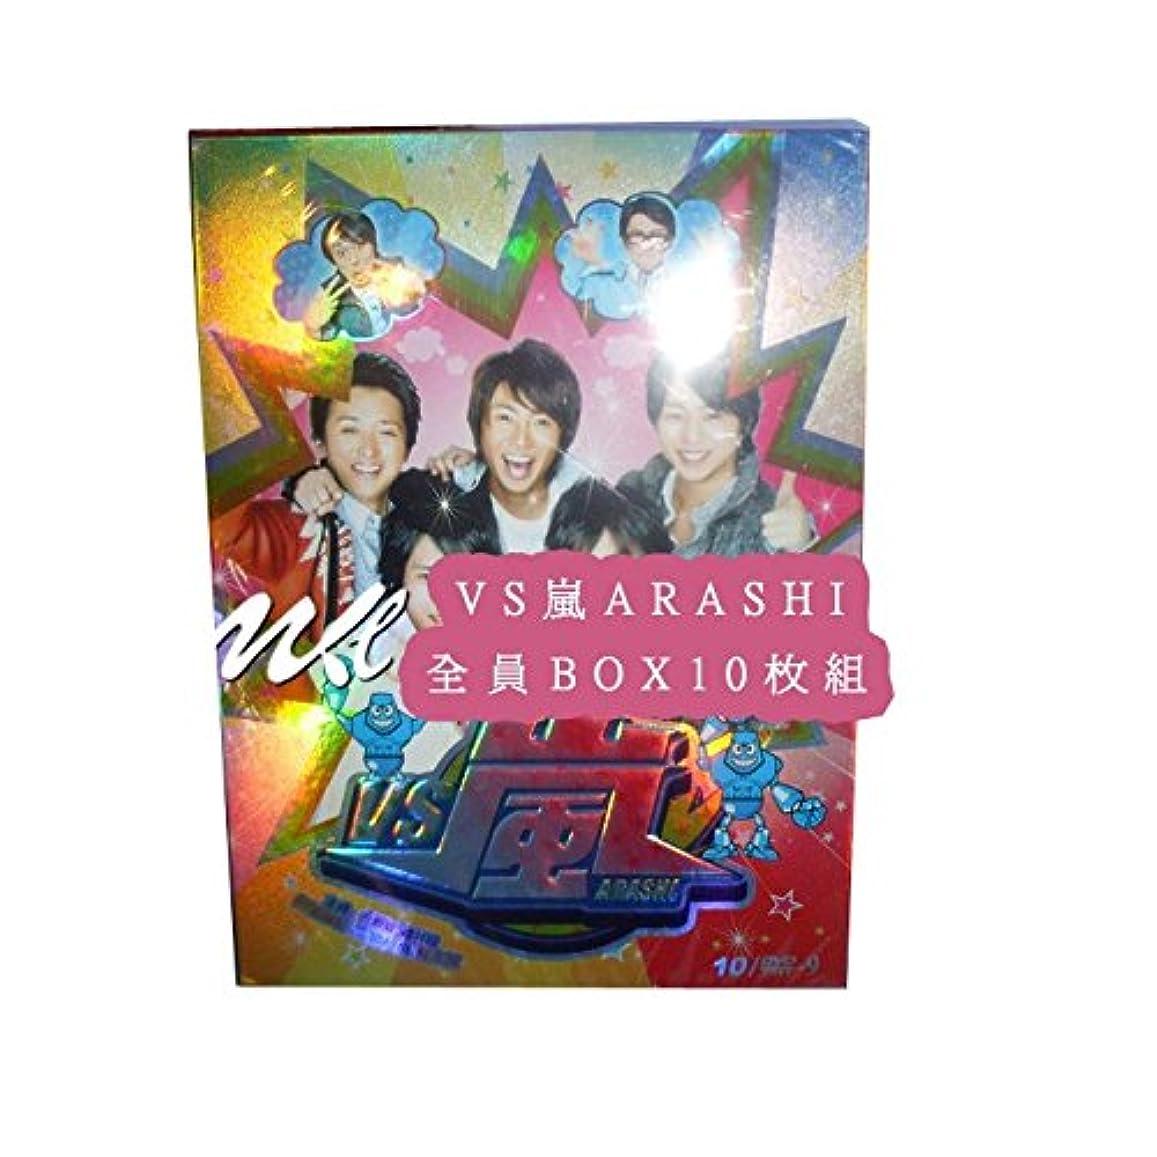 キャリッジ鑑定戦争VS嵐 ARASHI全員 BOX